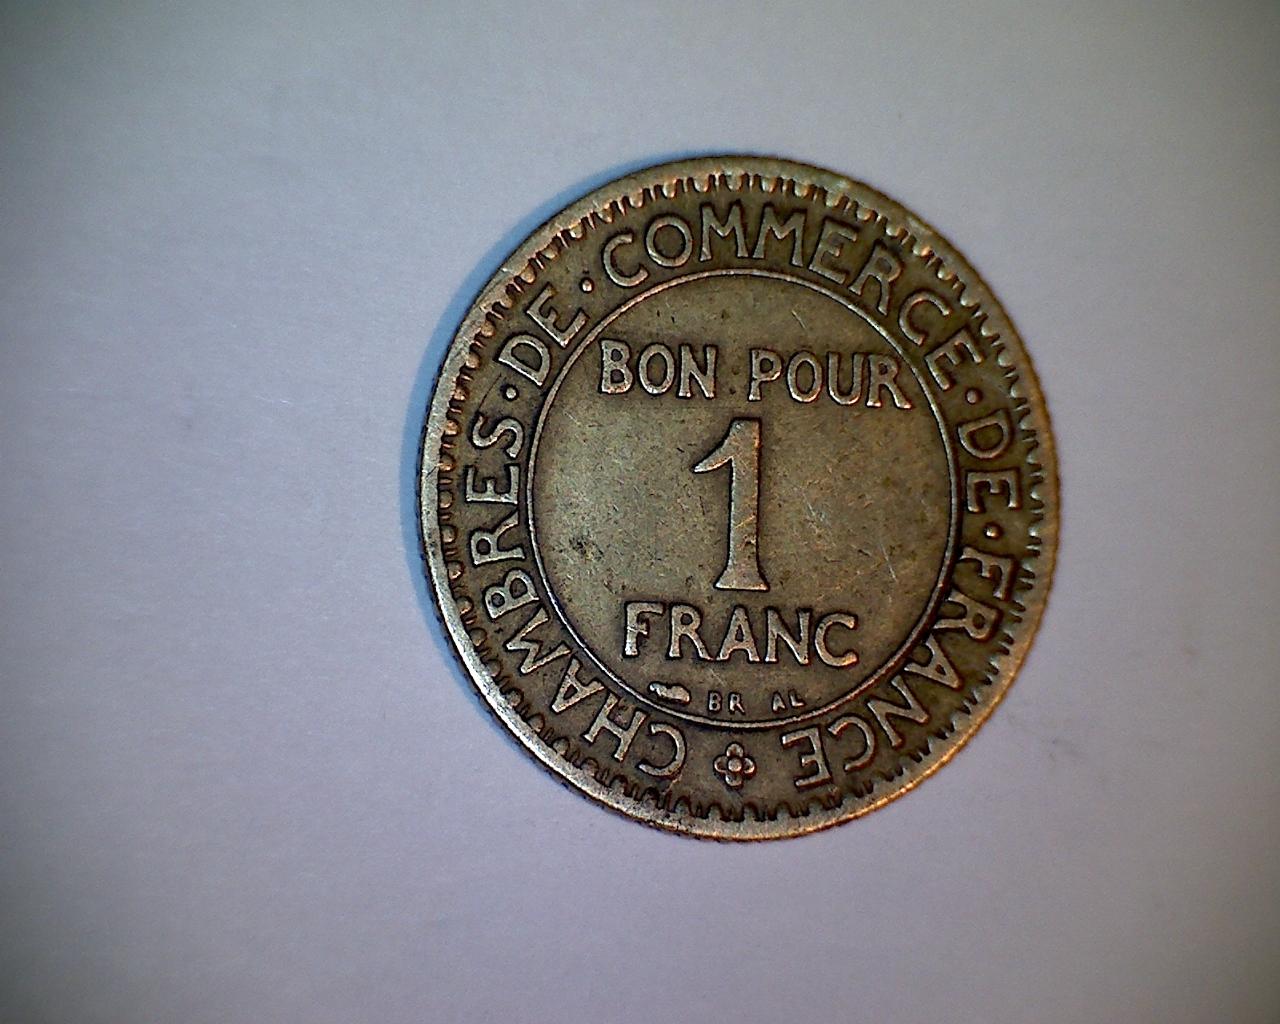 Tr sors et merdouilles des fr res huyghe objets divers for Chambre de commerce de france bon pour 2 francs